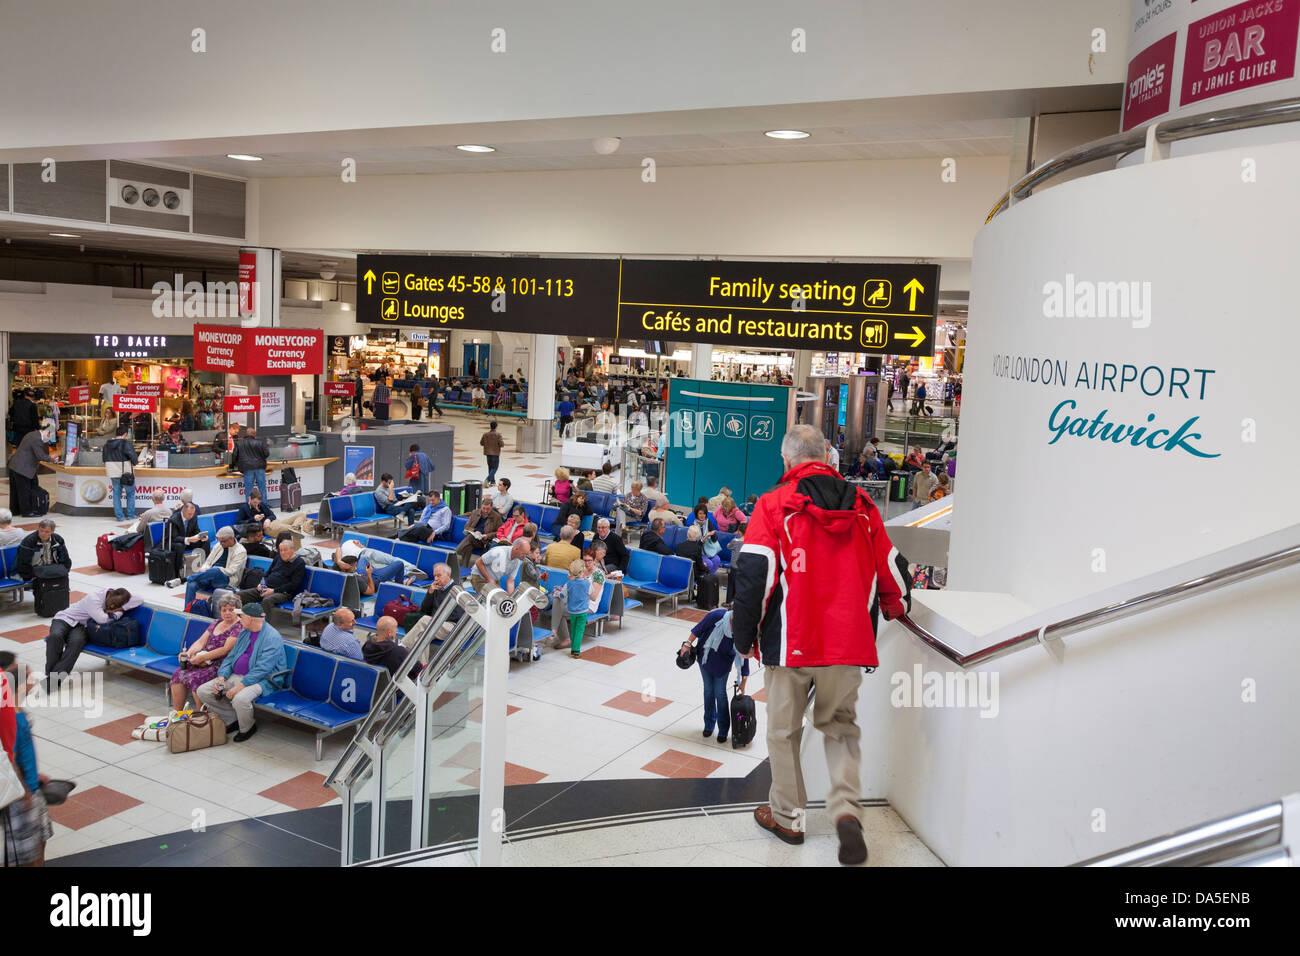 Aeropuerto de Gatwick y señales de dirección. Imagen De Stock